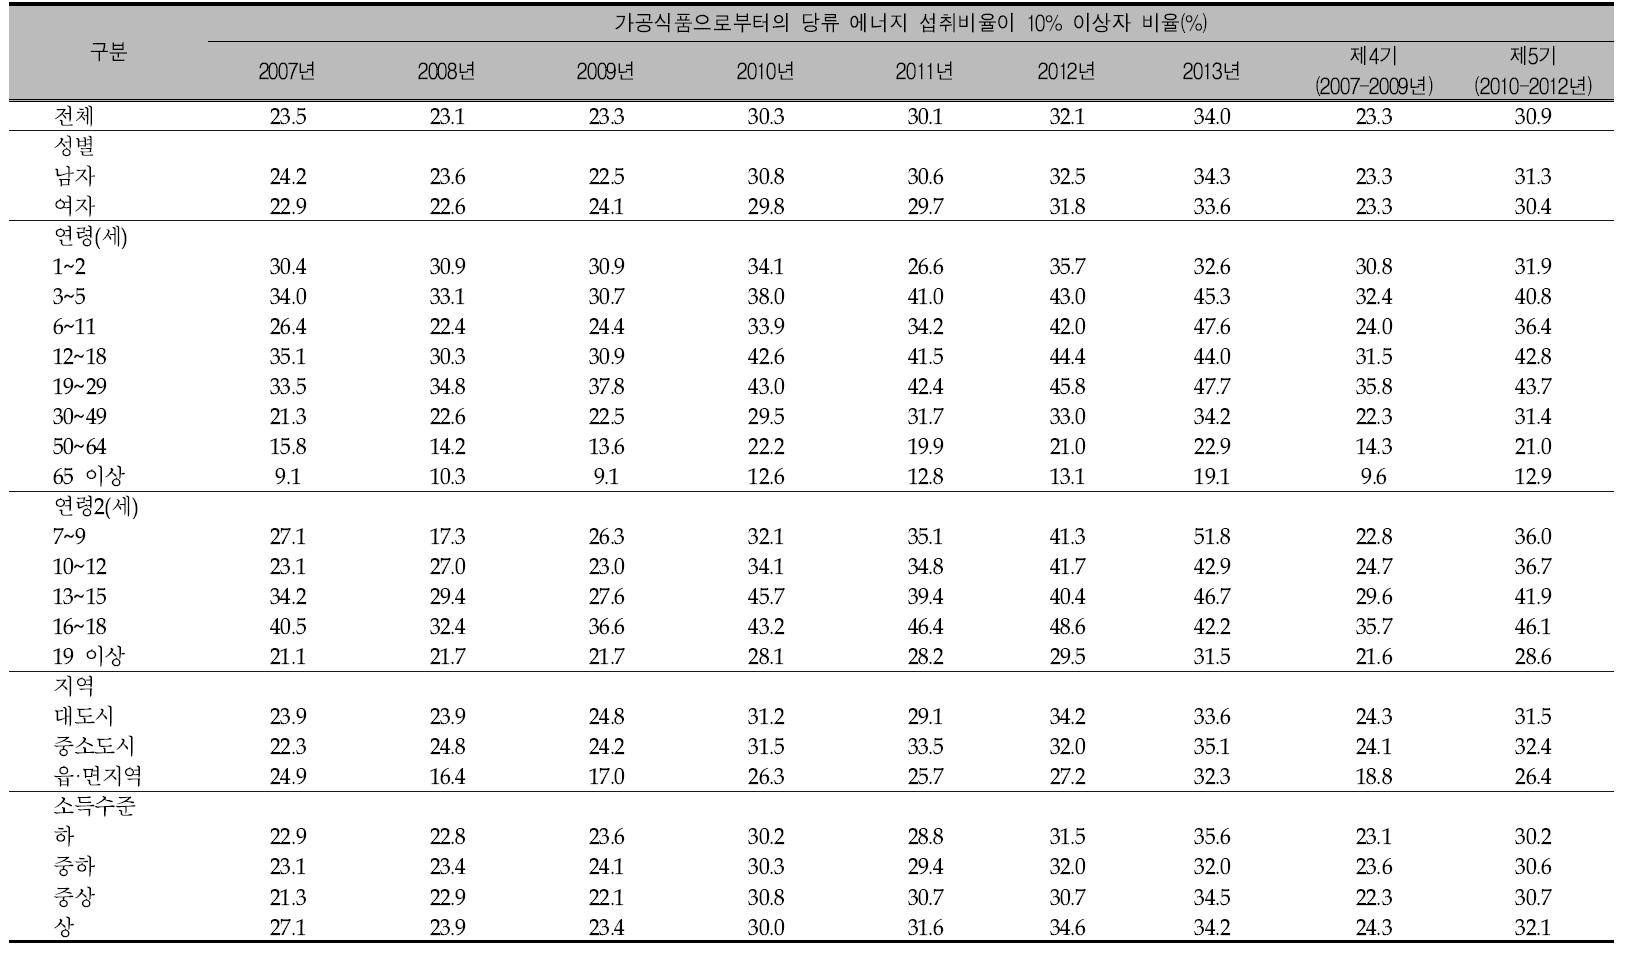 연도별 우리 국민의 1인1일 평균 가공식품으로부터의 당류 에너지 섭취비율이 10% 이상자 비율: 국민건강영양조사 2007-2013년, 제4기(2007-2009년) 및 제5기(2010년-2012년)